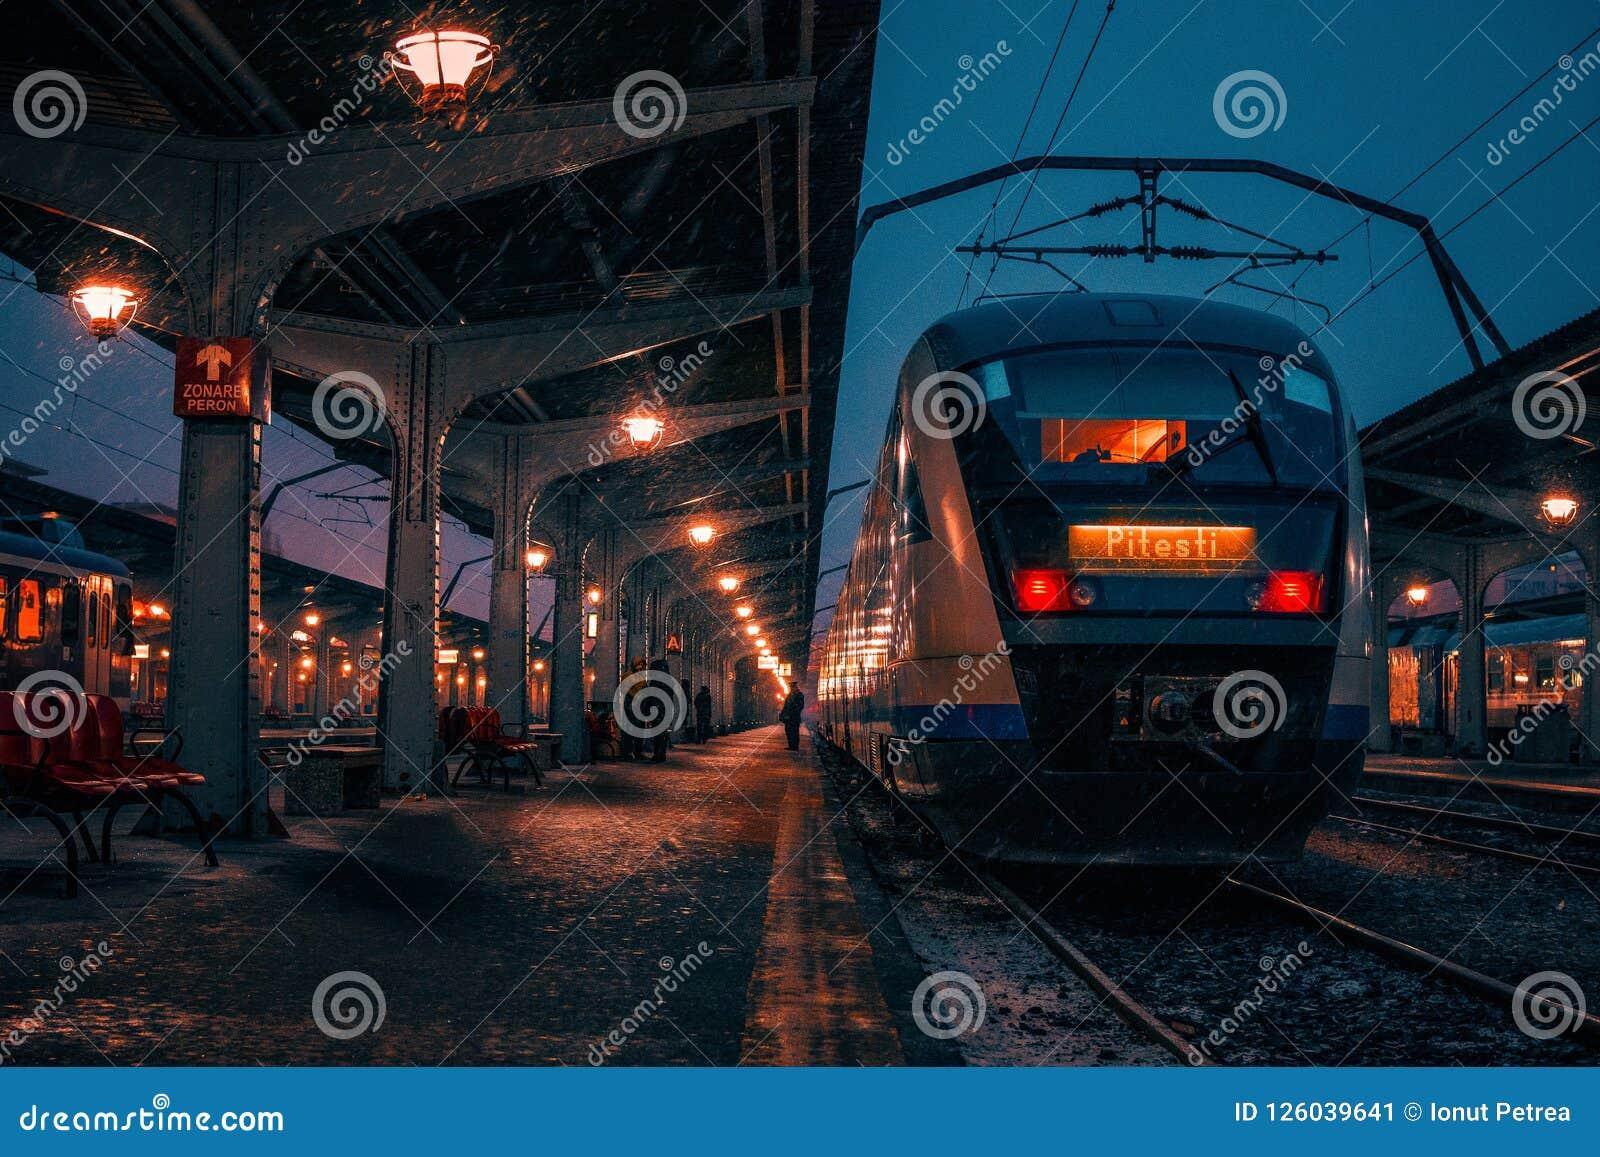 Ser humano na obscuridade em um estação de caminhos-de-ferro na plataforma durante um sn